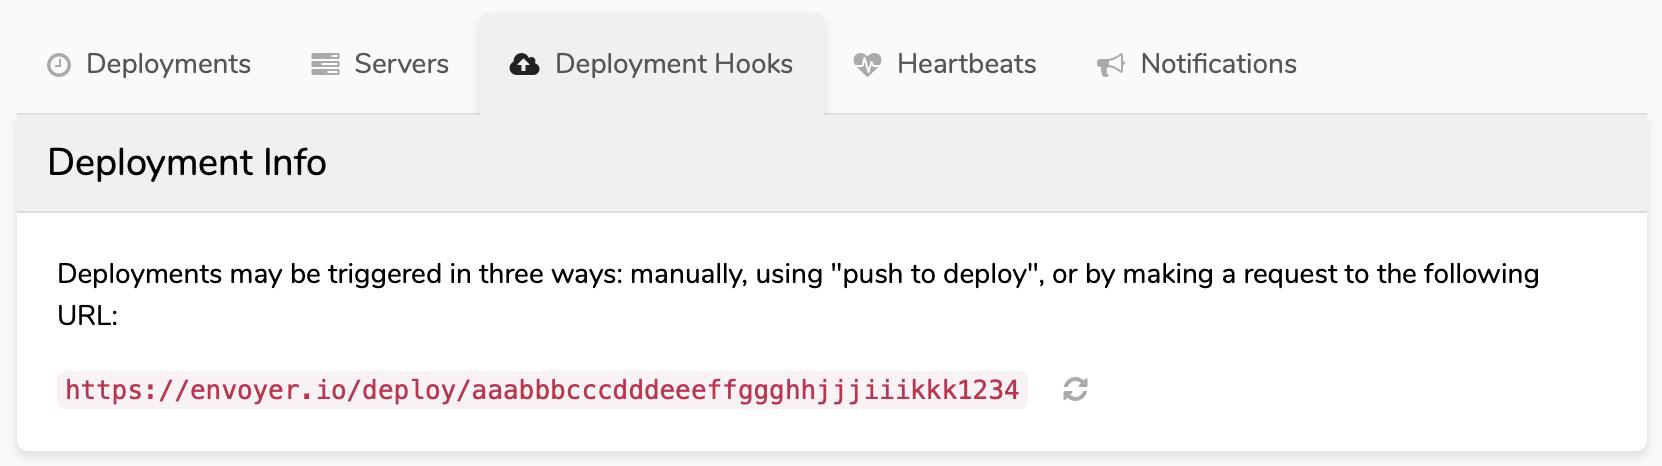 envoyer project webhook